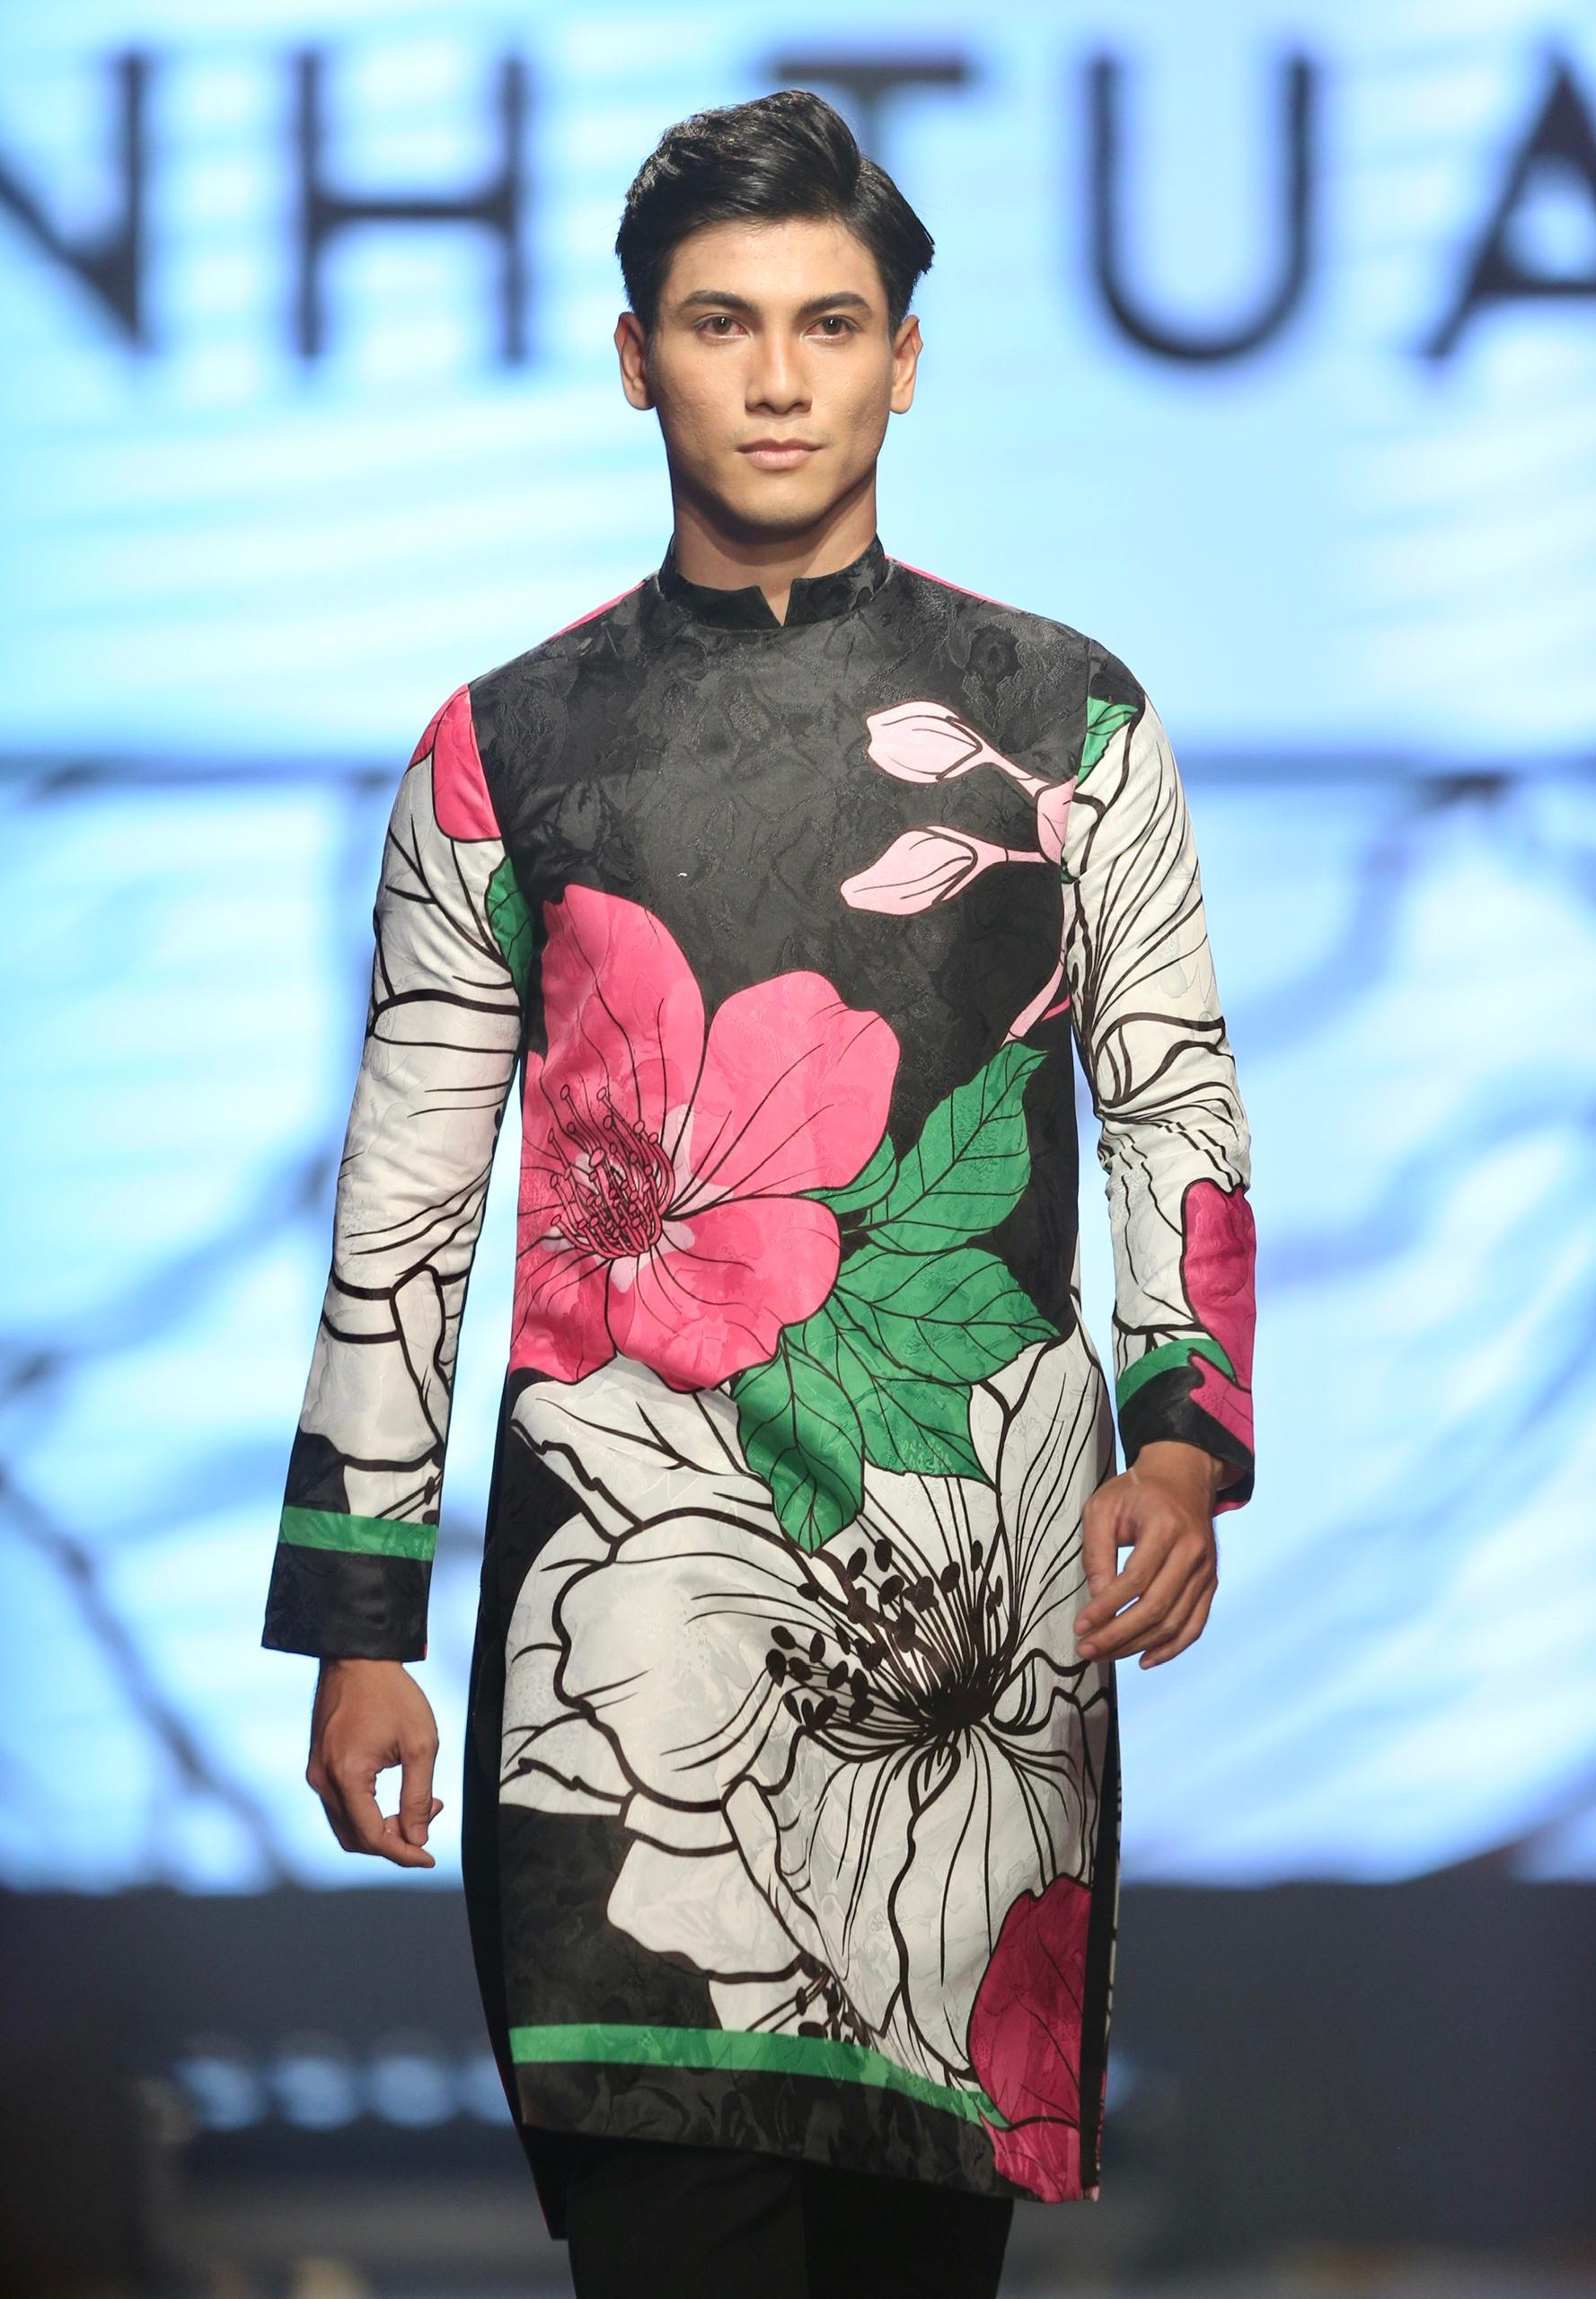 Hoa hậu Tiểu Vy mặc áo lưới gợi cảm trong show thời trang Ảnh 9